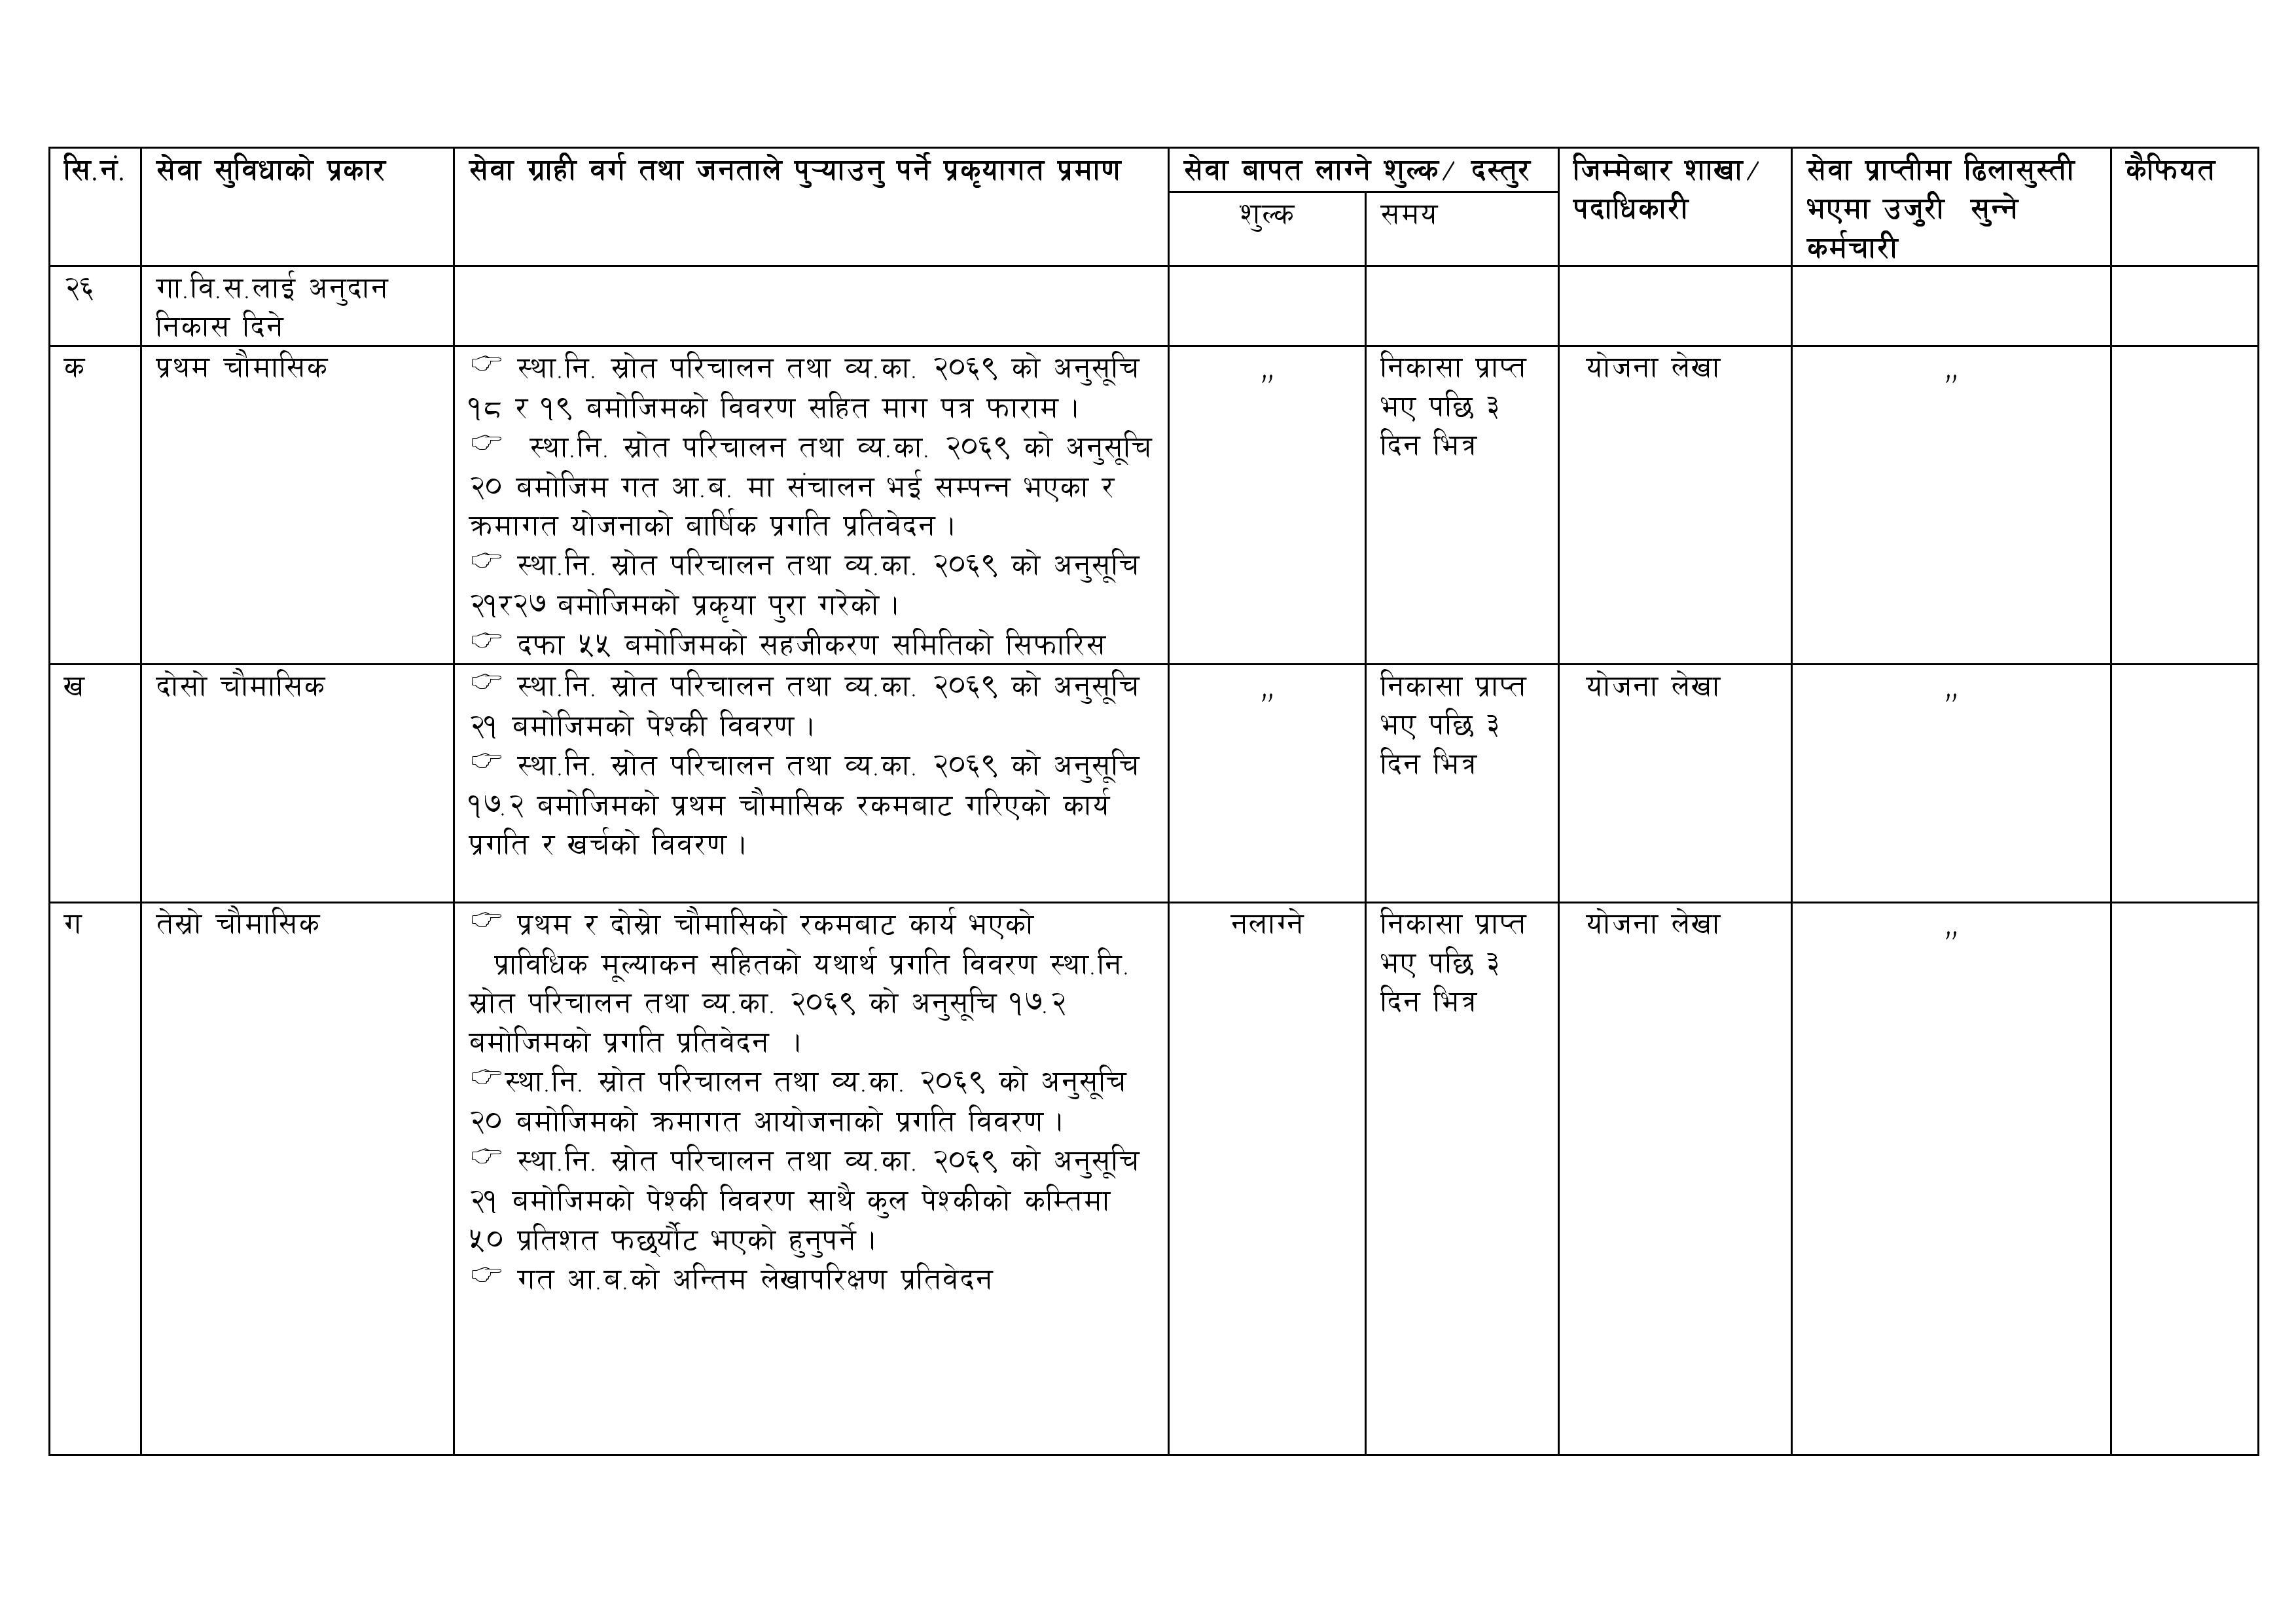 Nagarik bada patra DDC Manang-page-005